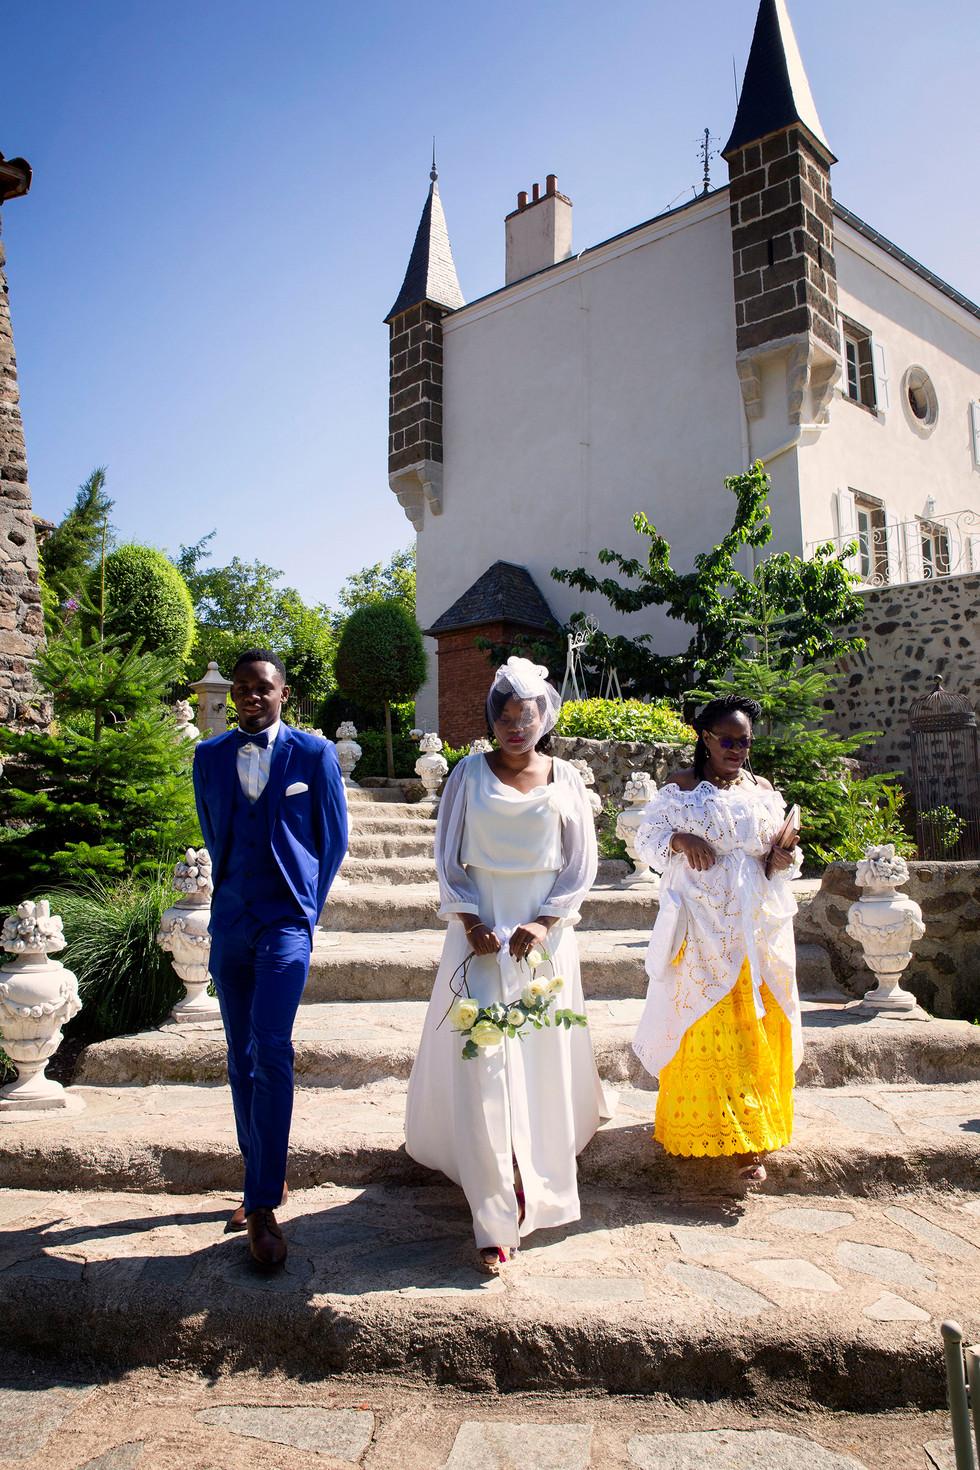 L'entrée de la mariée, son publique l'attend.